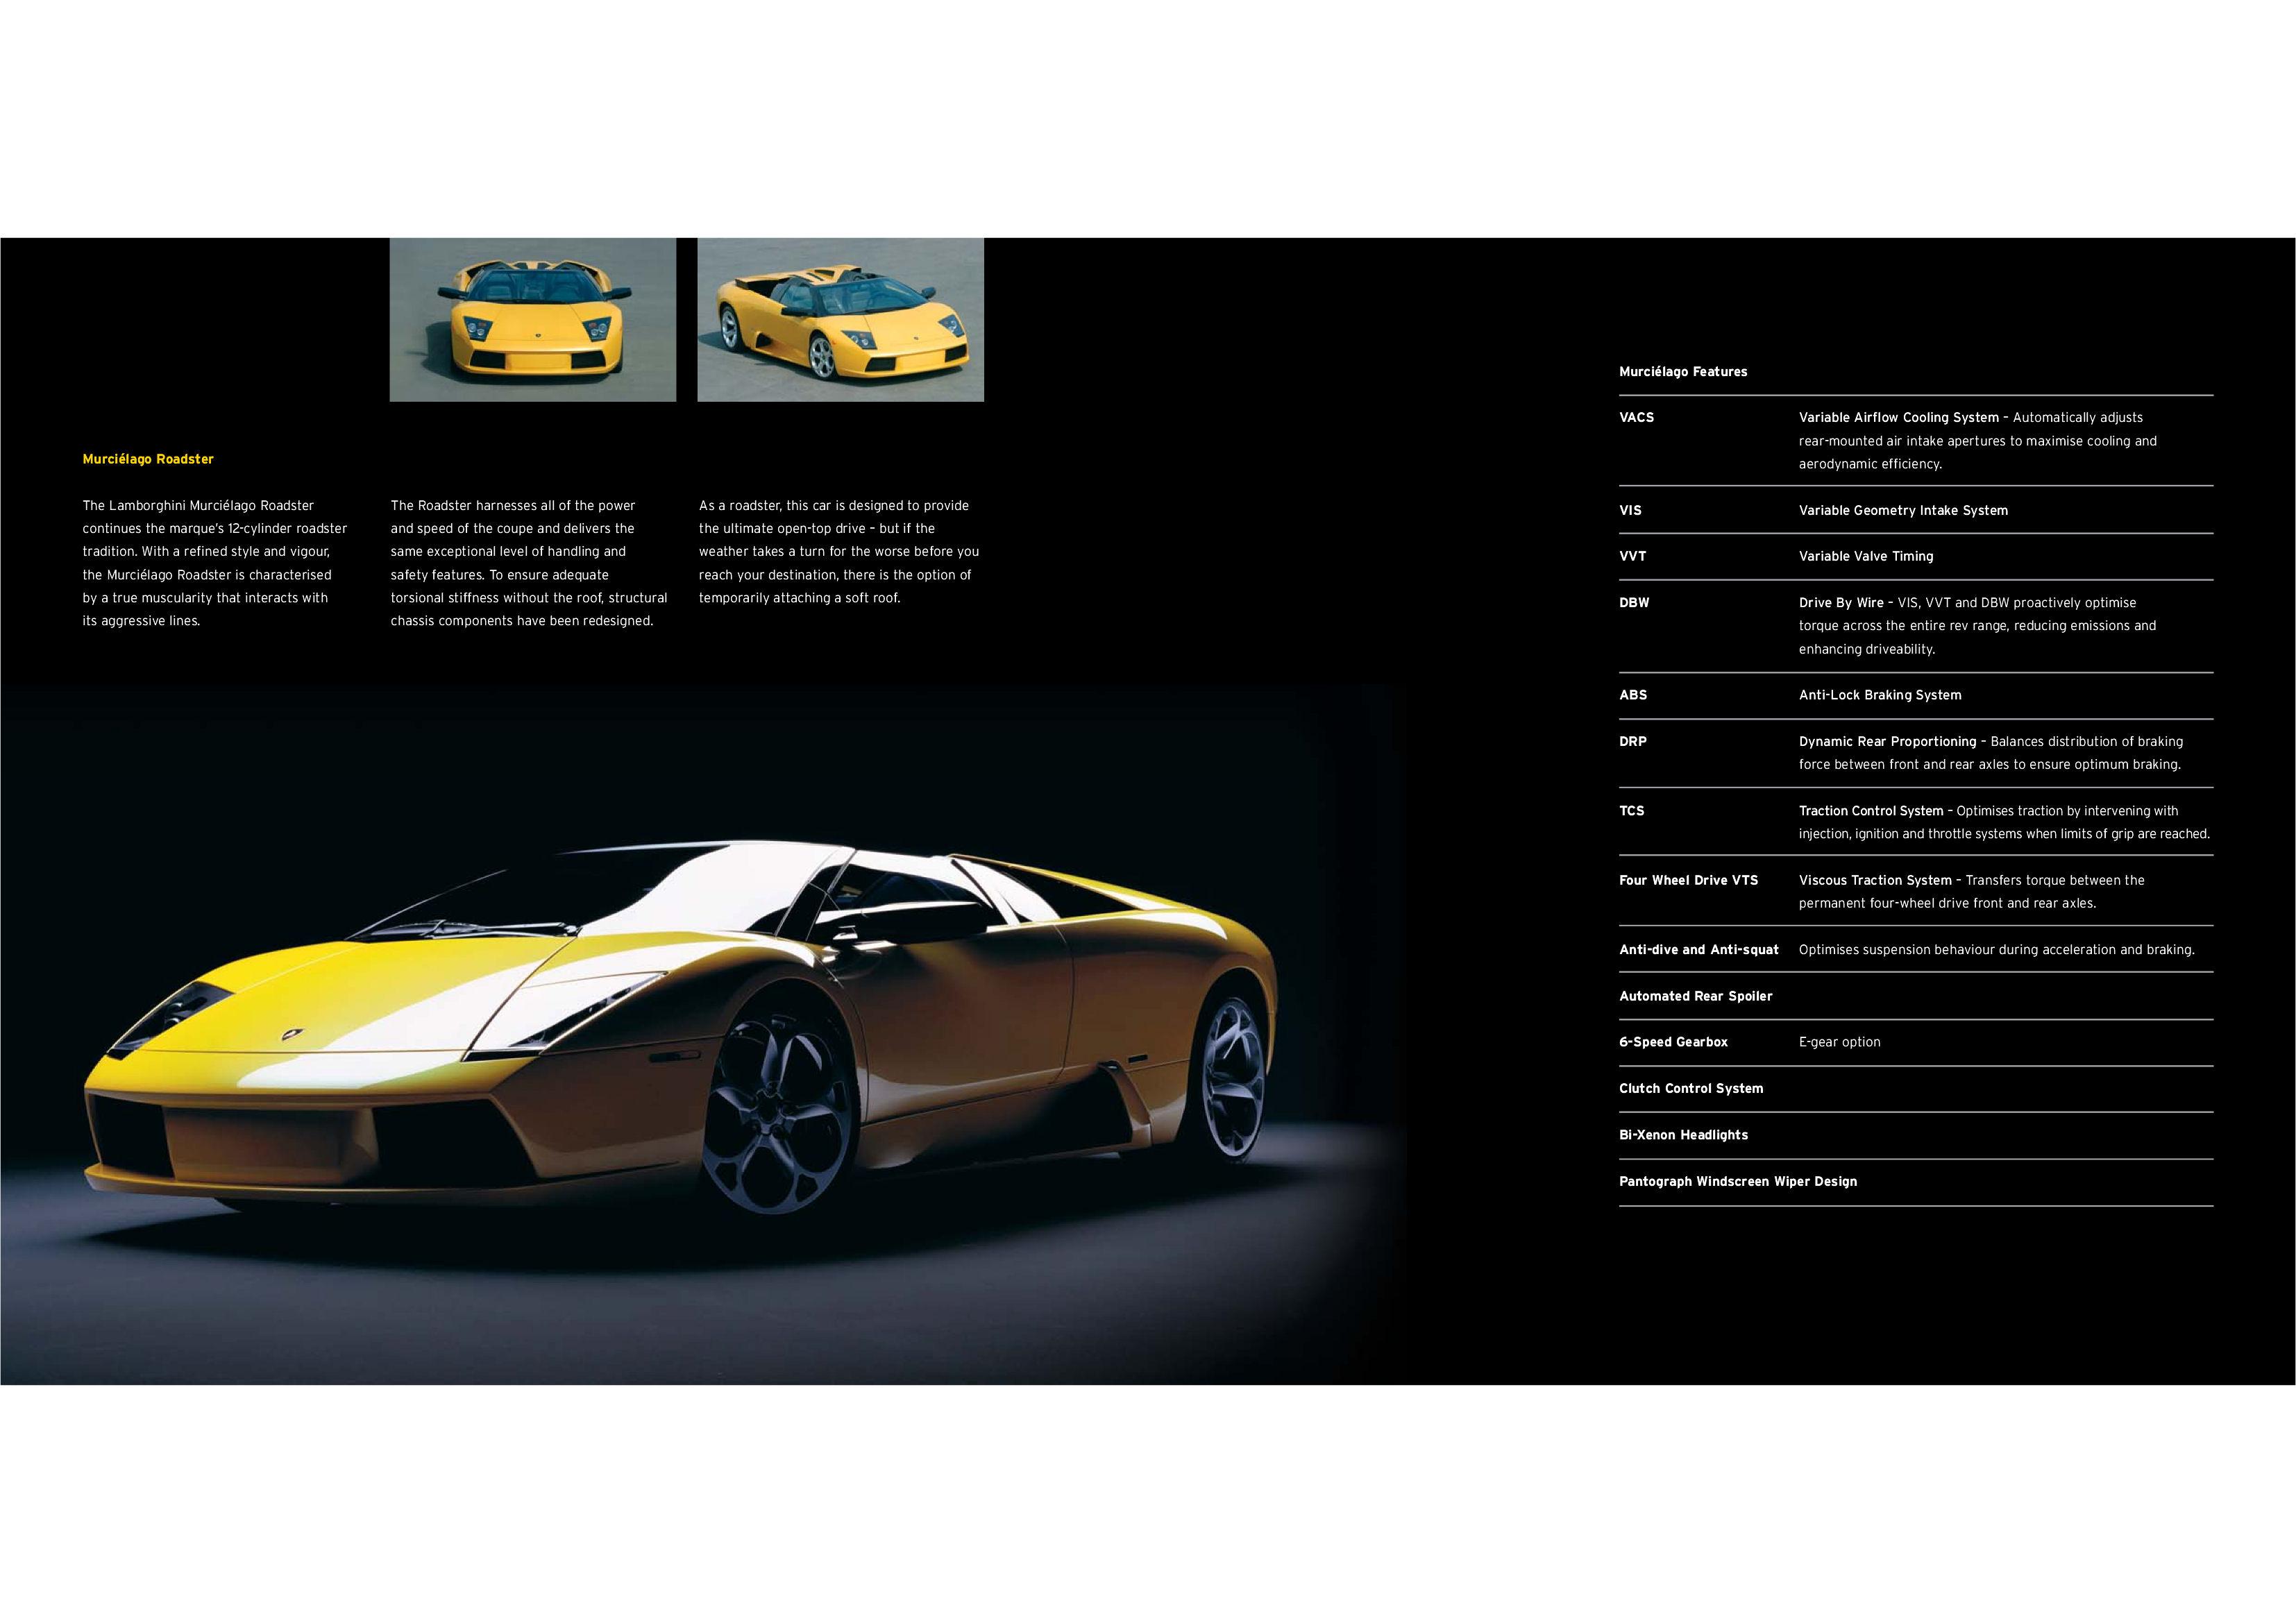 Lamborghini Murcielago 2008 Brochure